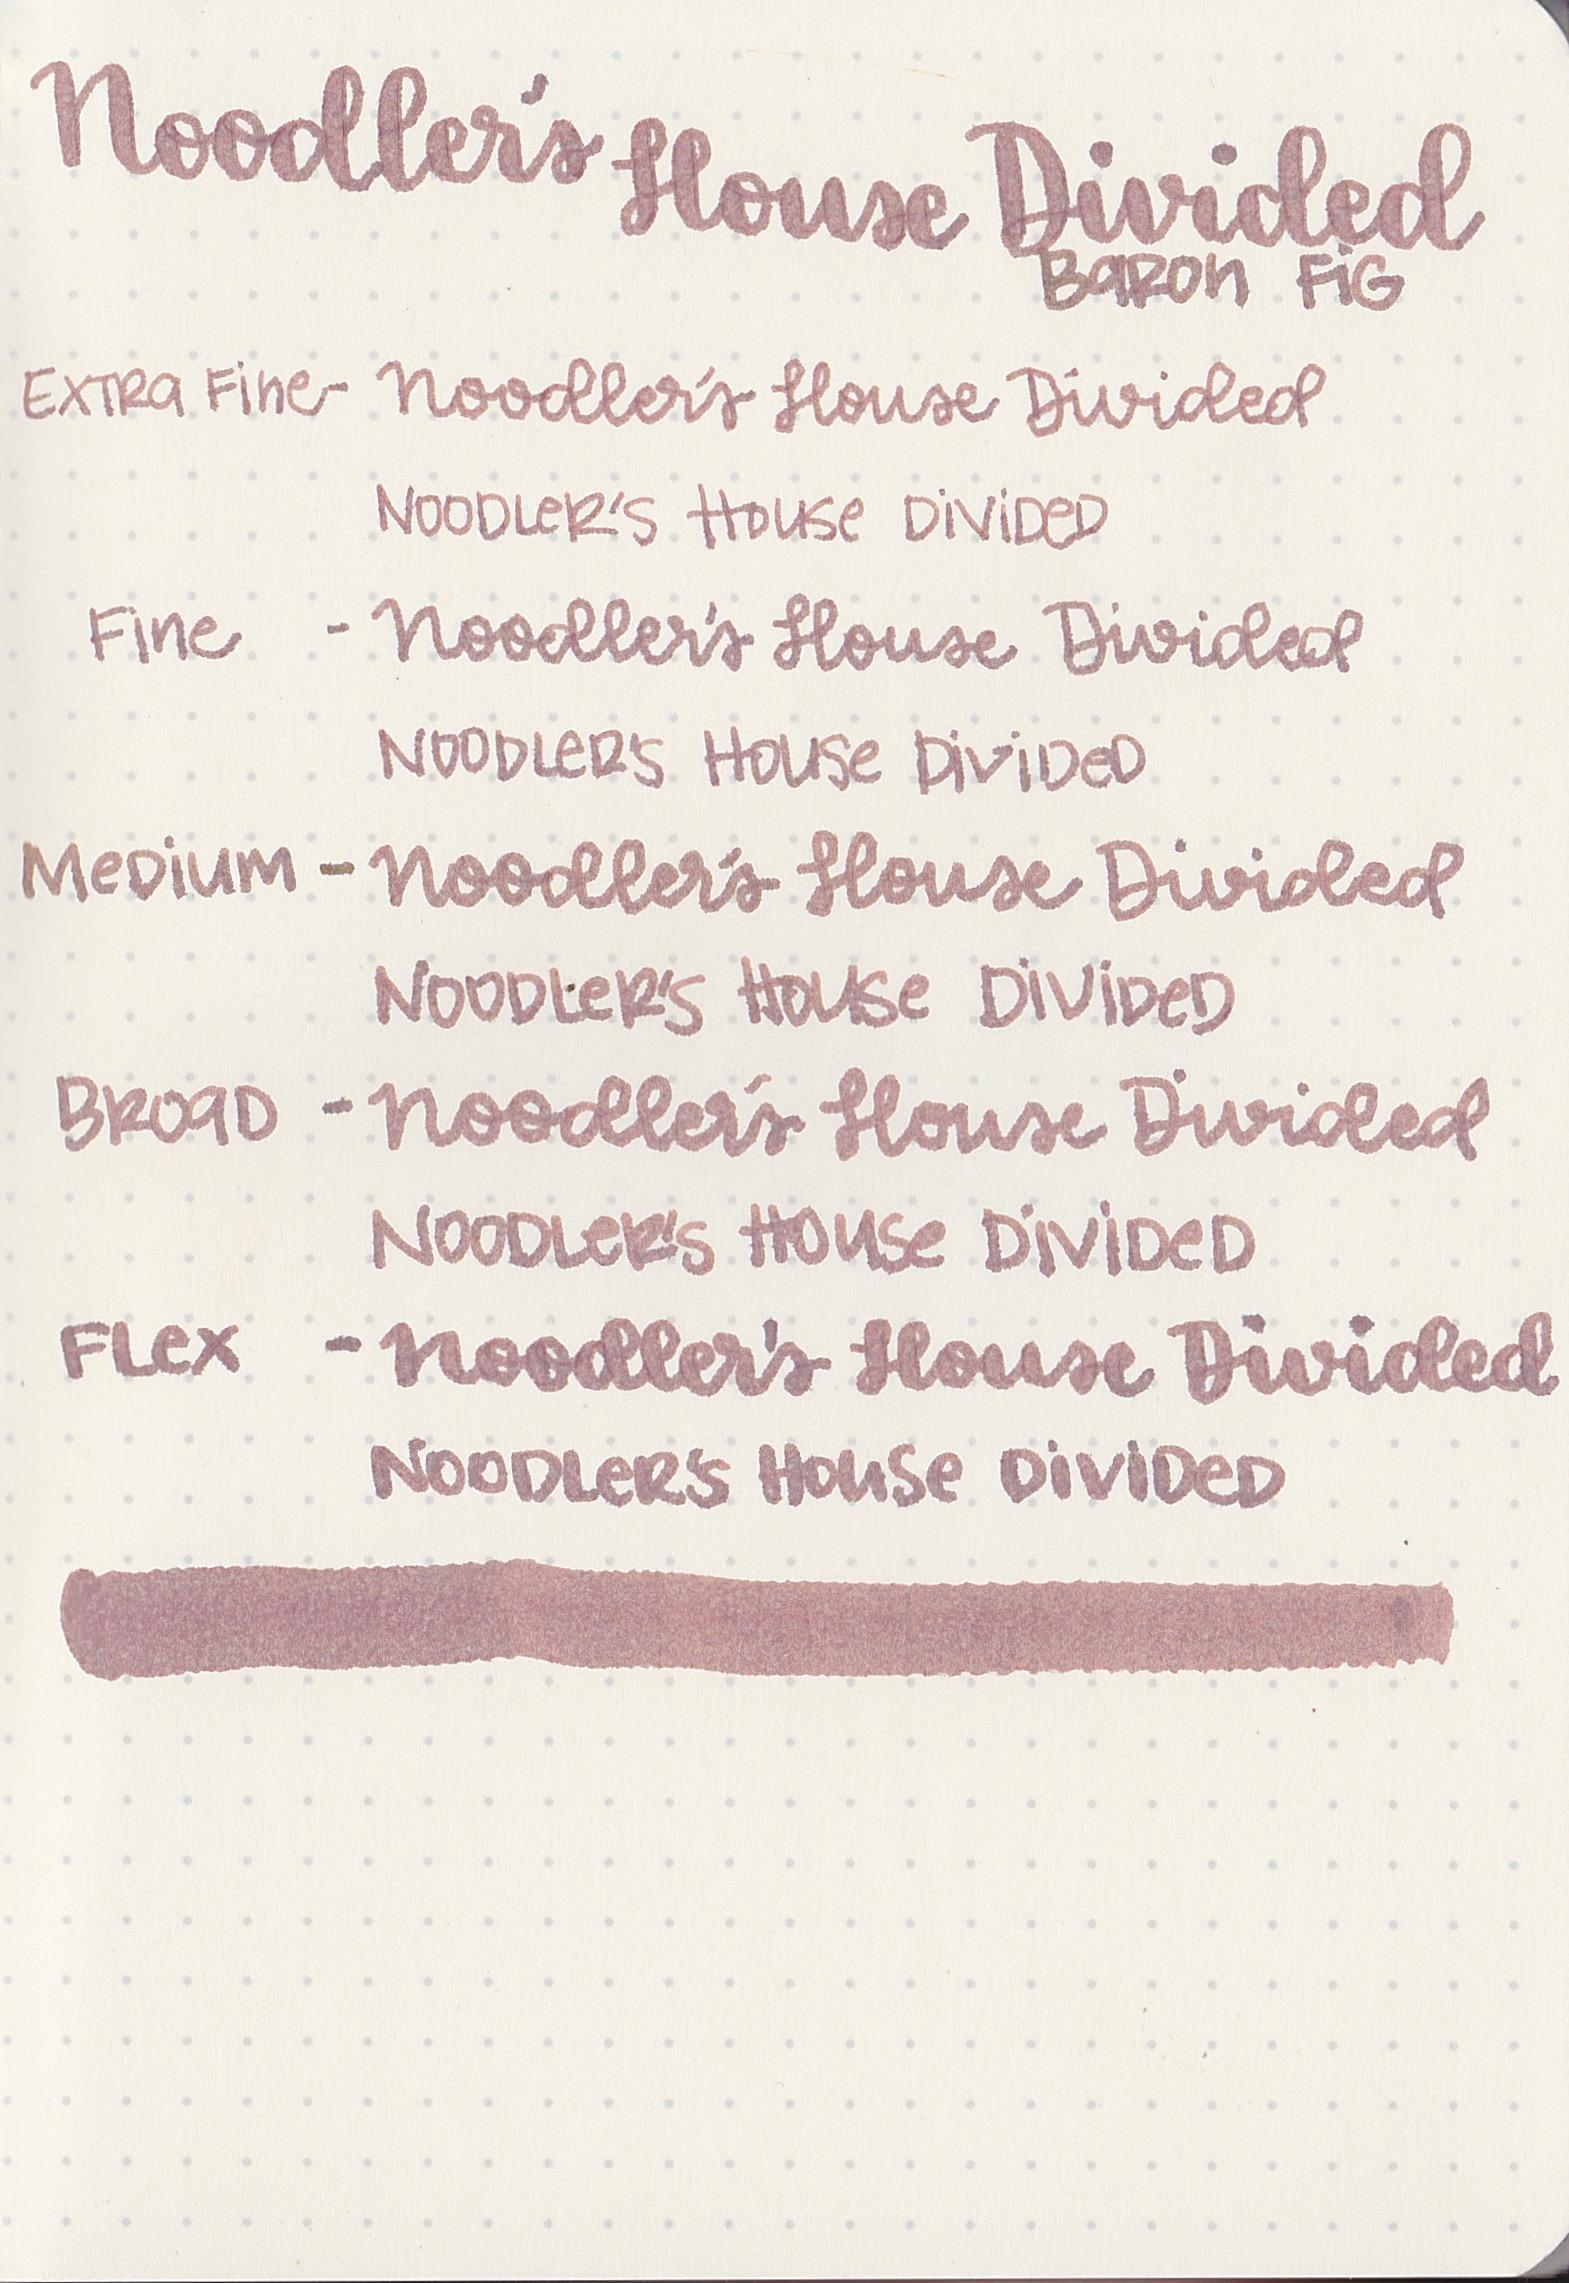 NoodlersHouseDivided - 14.jpg